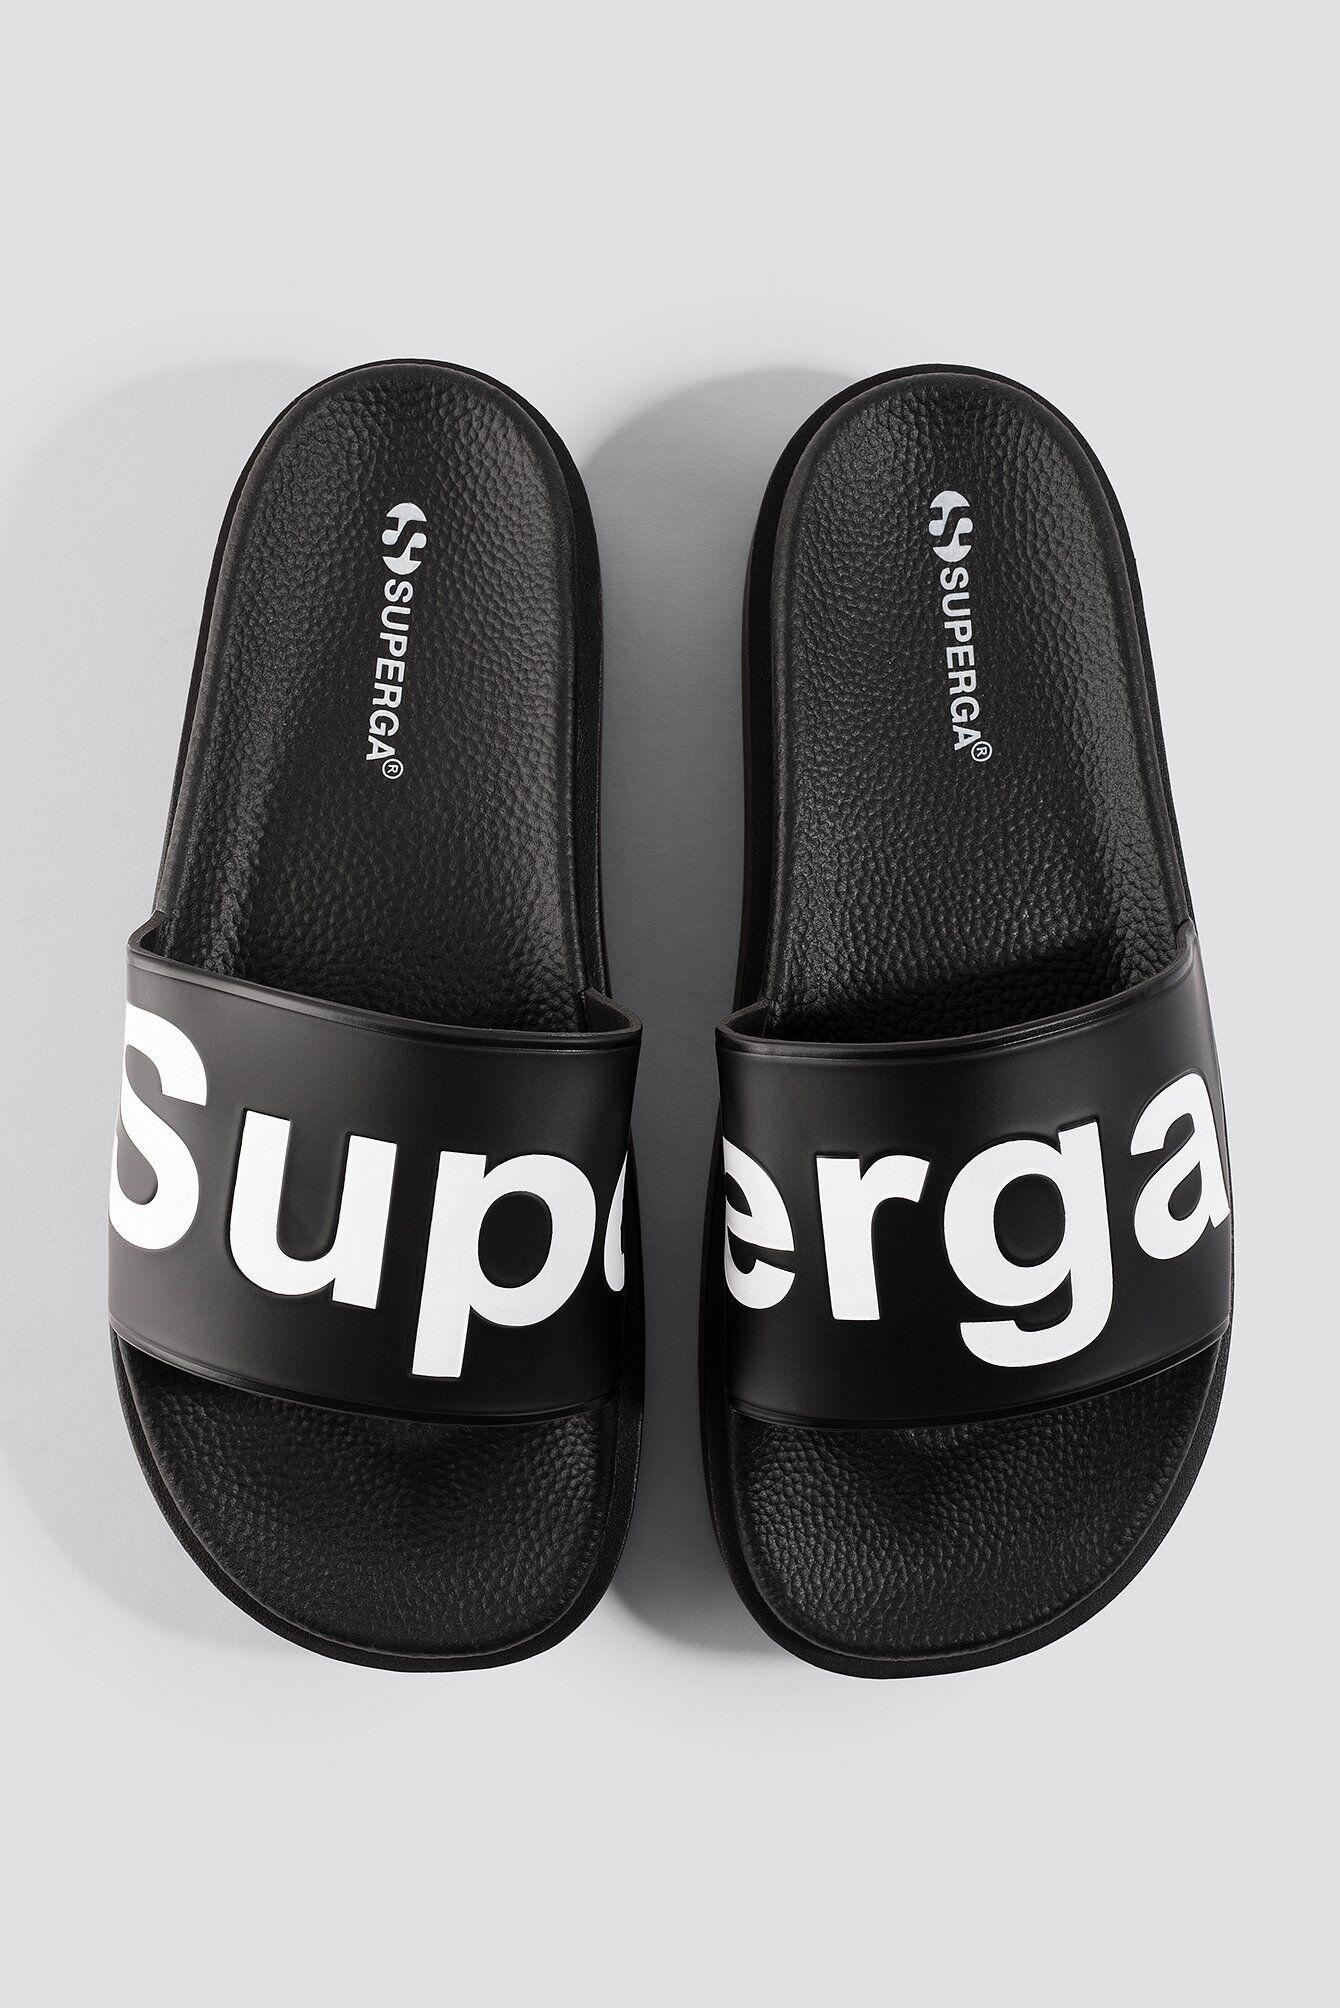 Superga Puw 1919 Slipper - Black